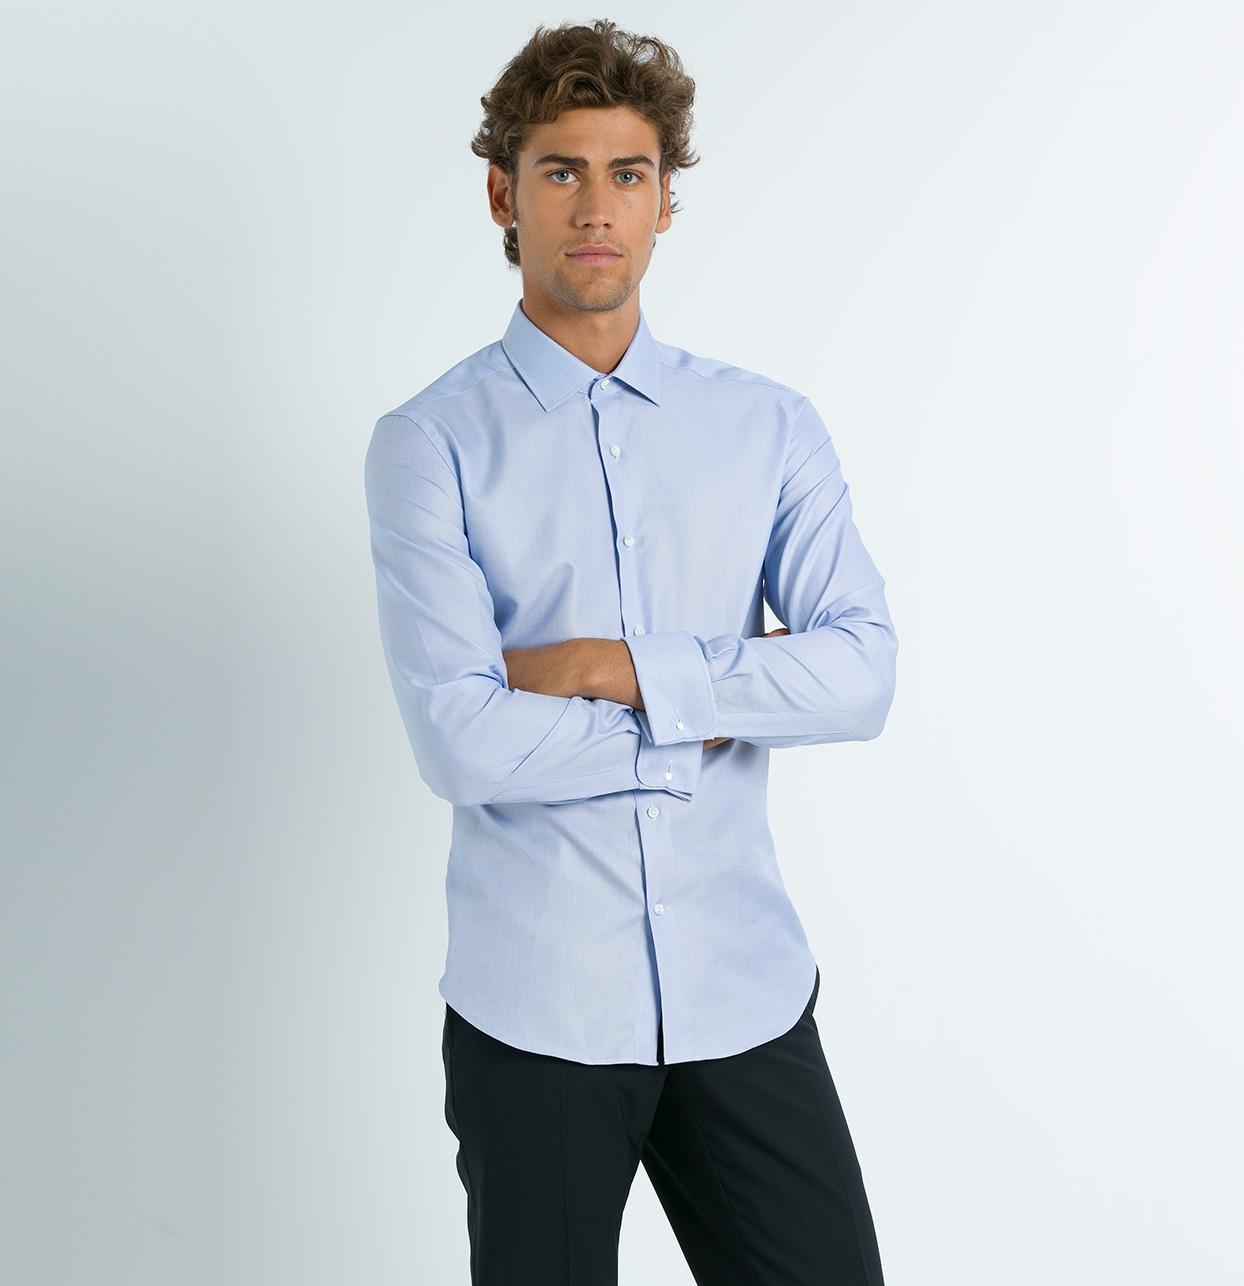 Camisa Formal Wear REGULAR FIT cuello Italiano y puño doble modelo ROMA tejido micro textura color blanco, 100% Algodón. - Ítem3